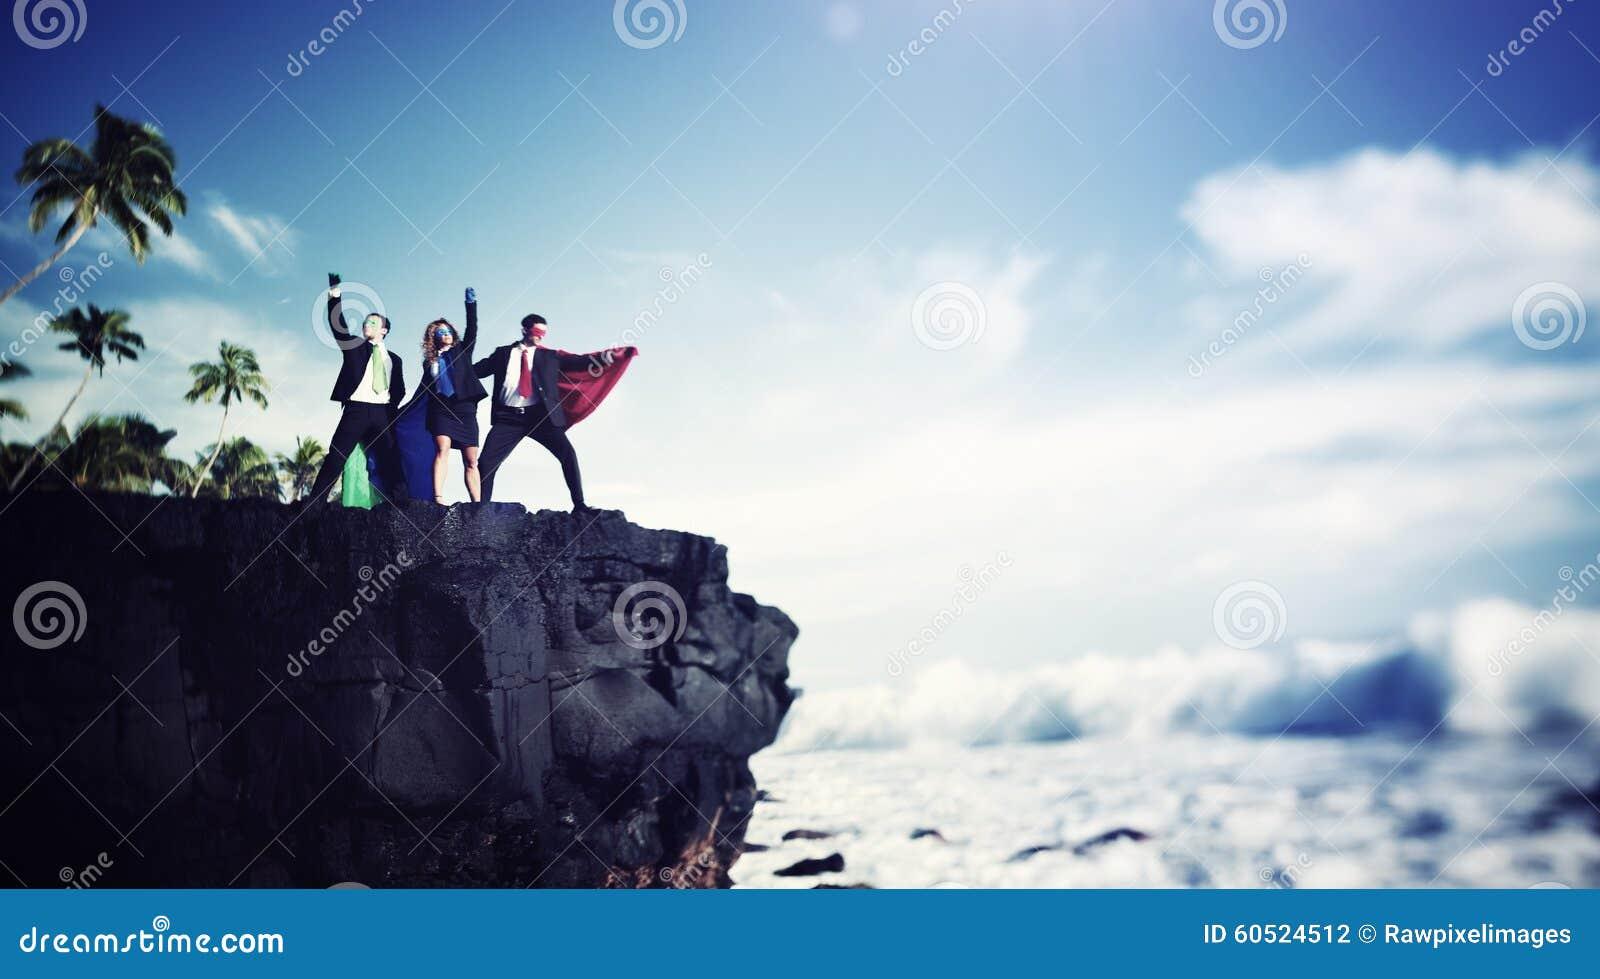 Концепция успеха достижения скалы края супергероев дела